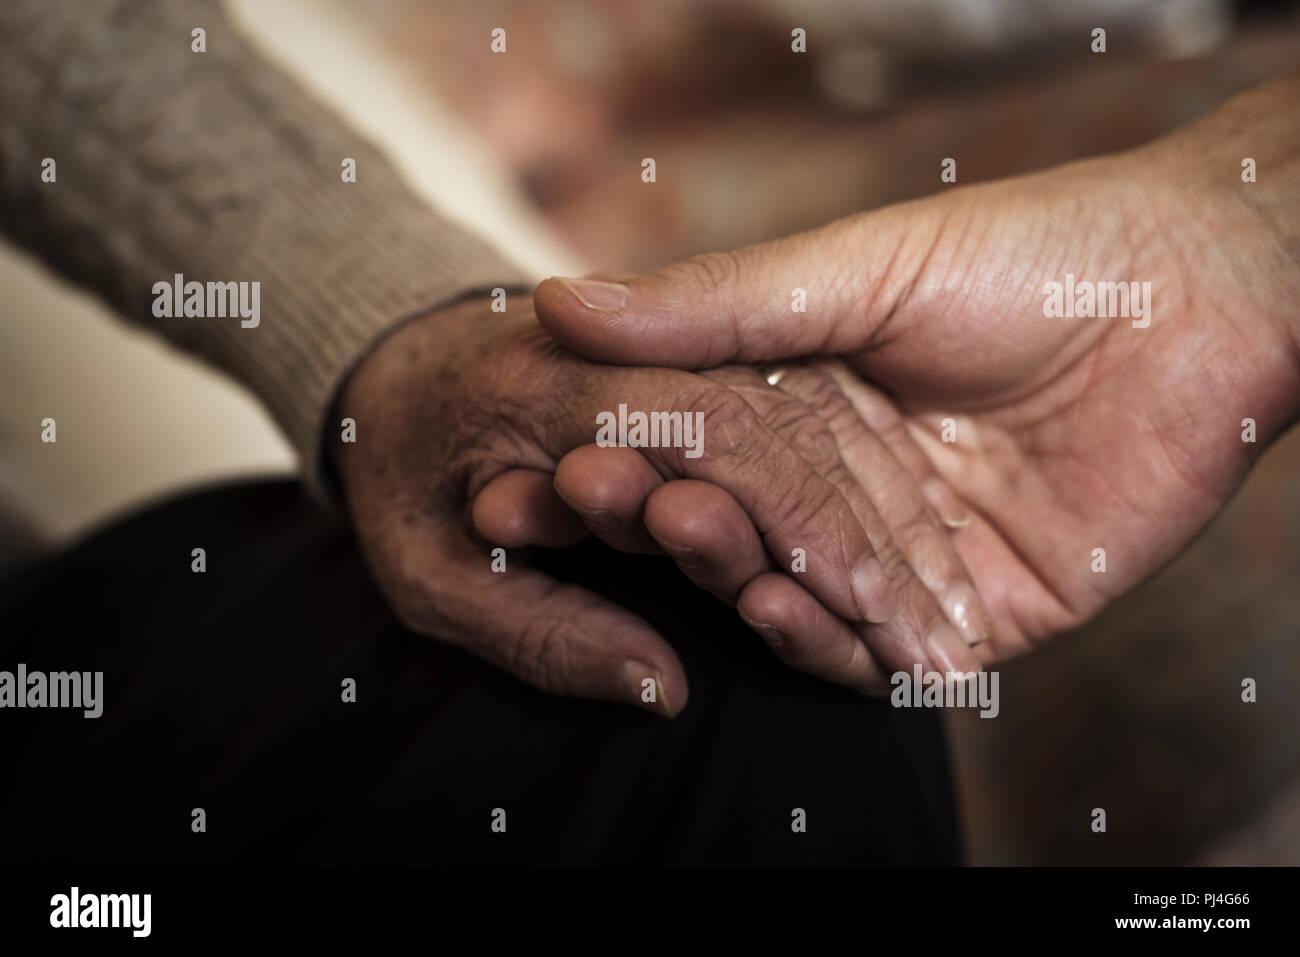 Nahaufnahme eines jungen kaukasischen Mann die Hand eines alten kaukasische Frau mit Zuneigung Stockfoto